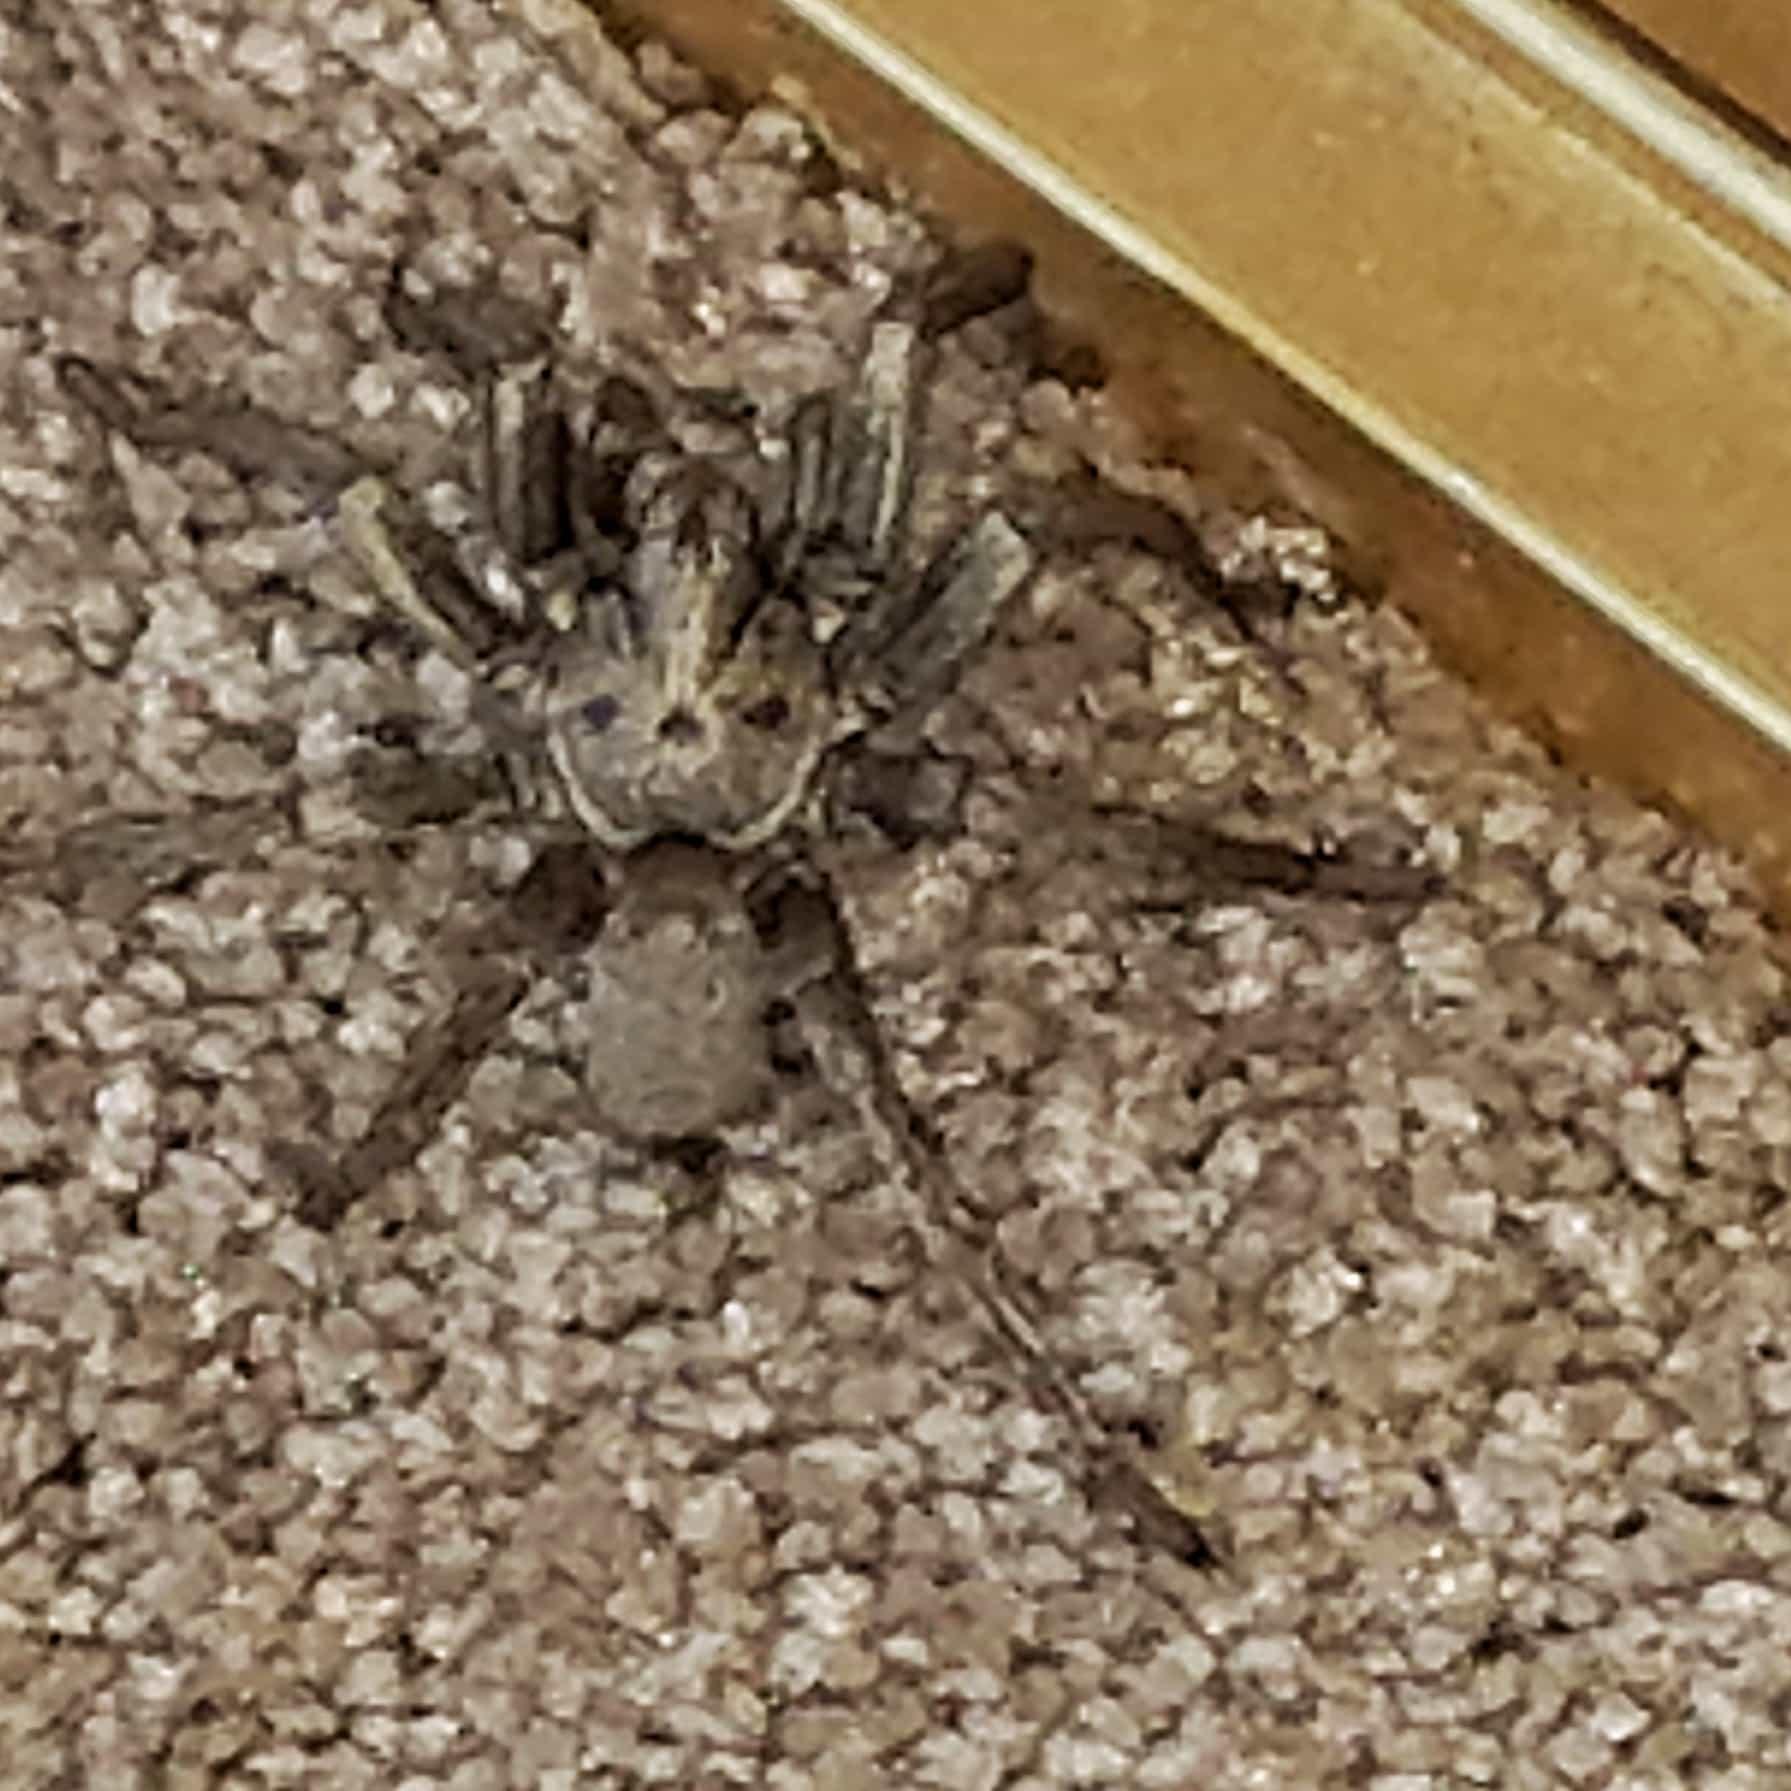 Picture of Calisoga (False Tarantulas) - Dorsal